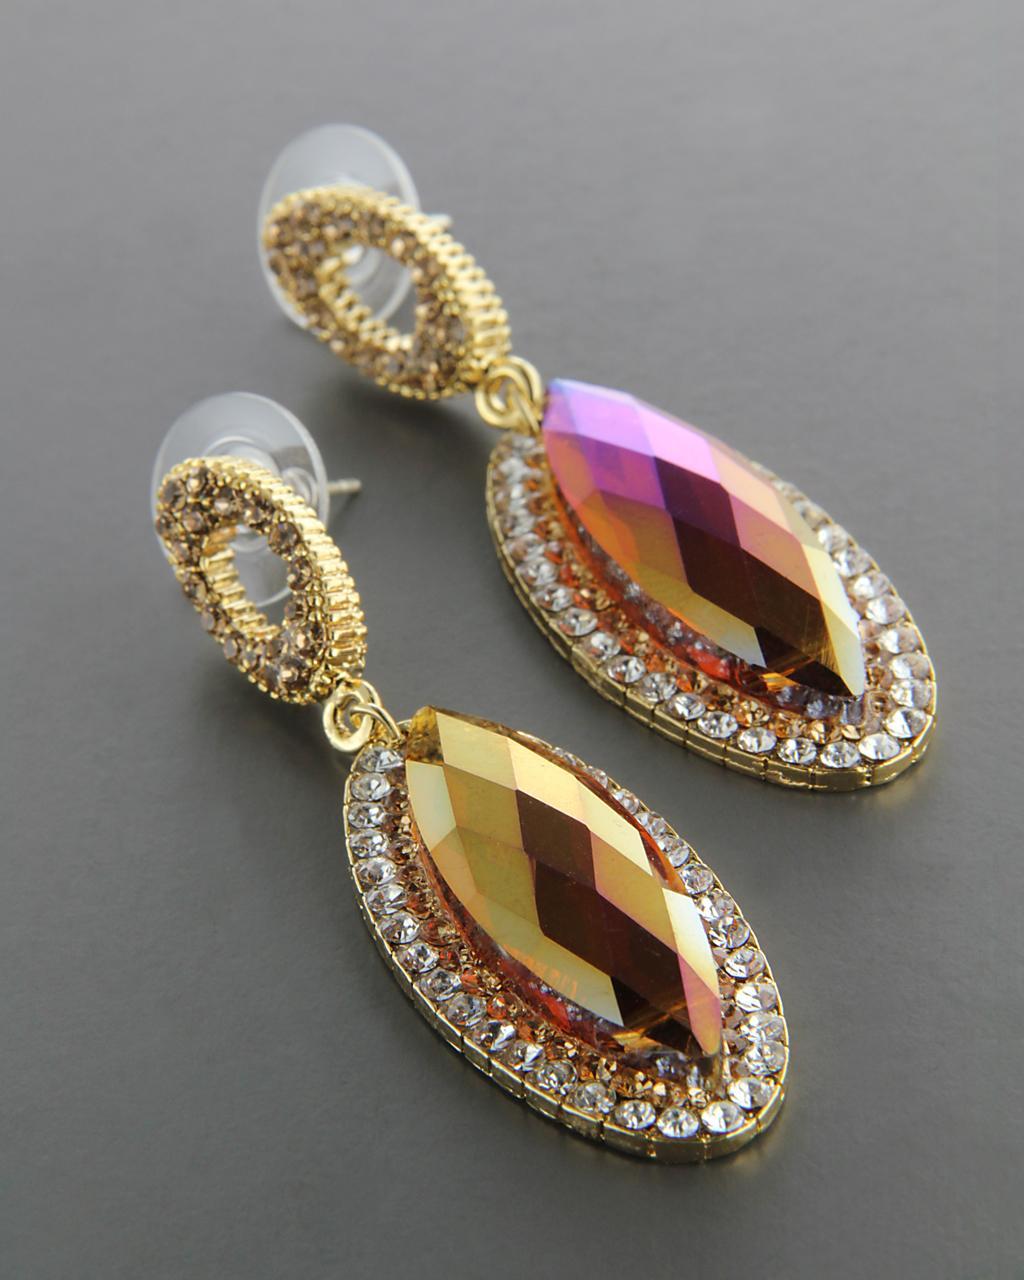 Σκουλαρίκια από Ορείχαλκο με Swarovski & Ζιργκόν   γυναικα σκουλαρίκια σκουλαρίκια fashion